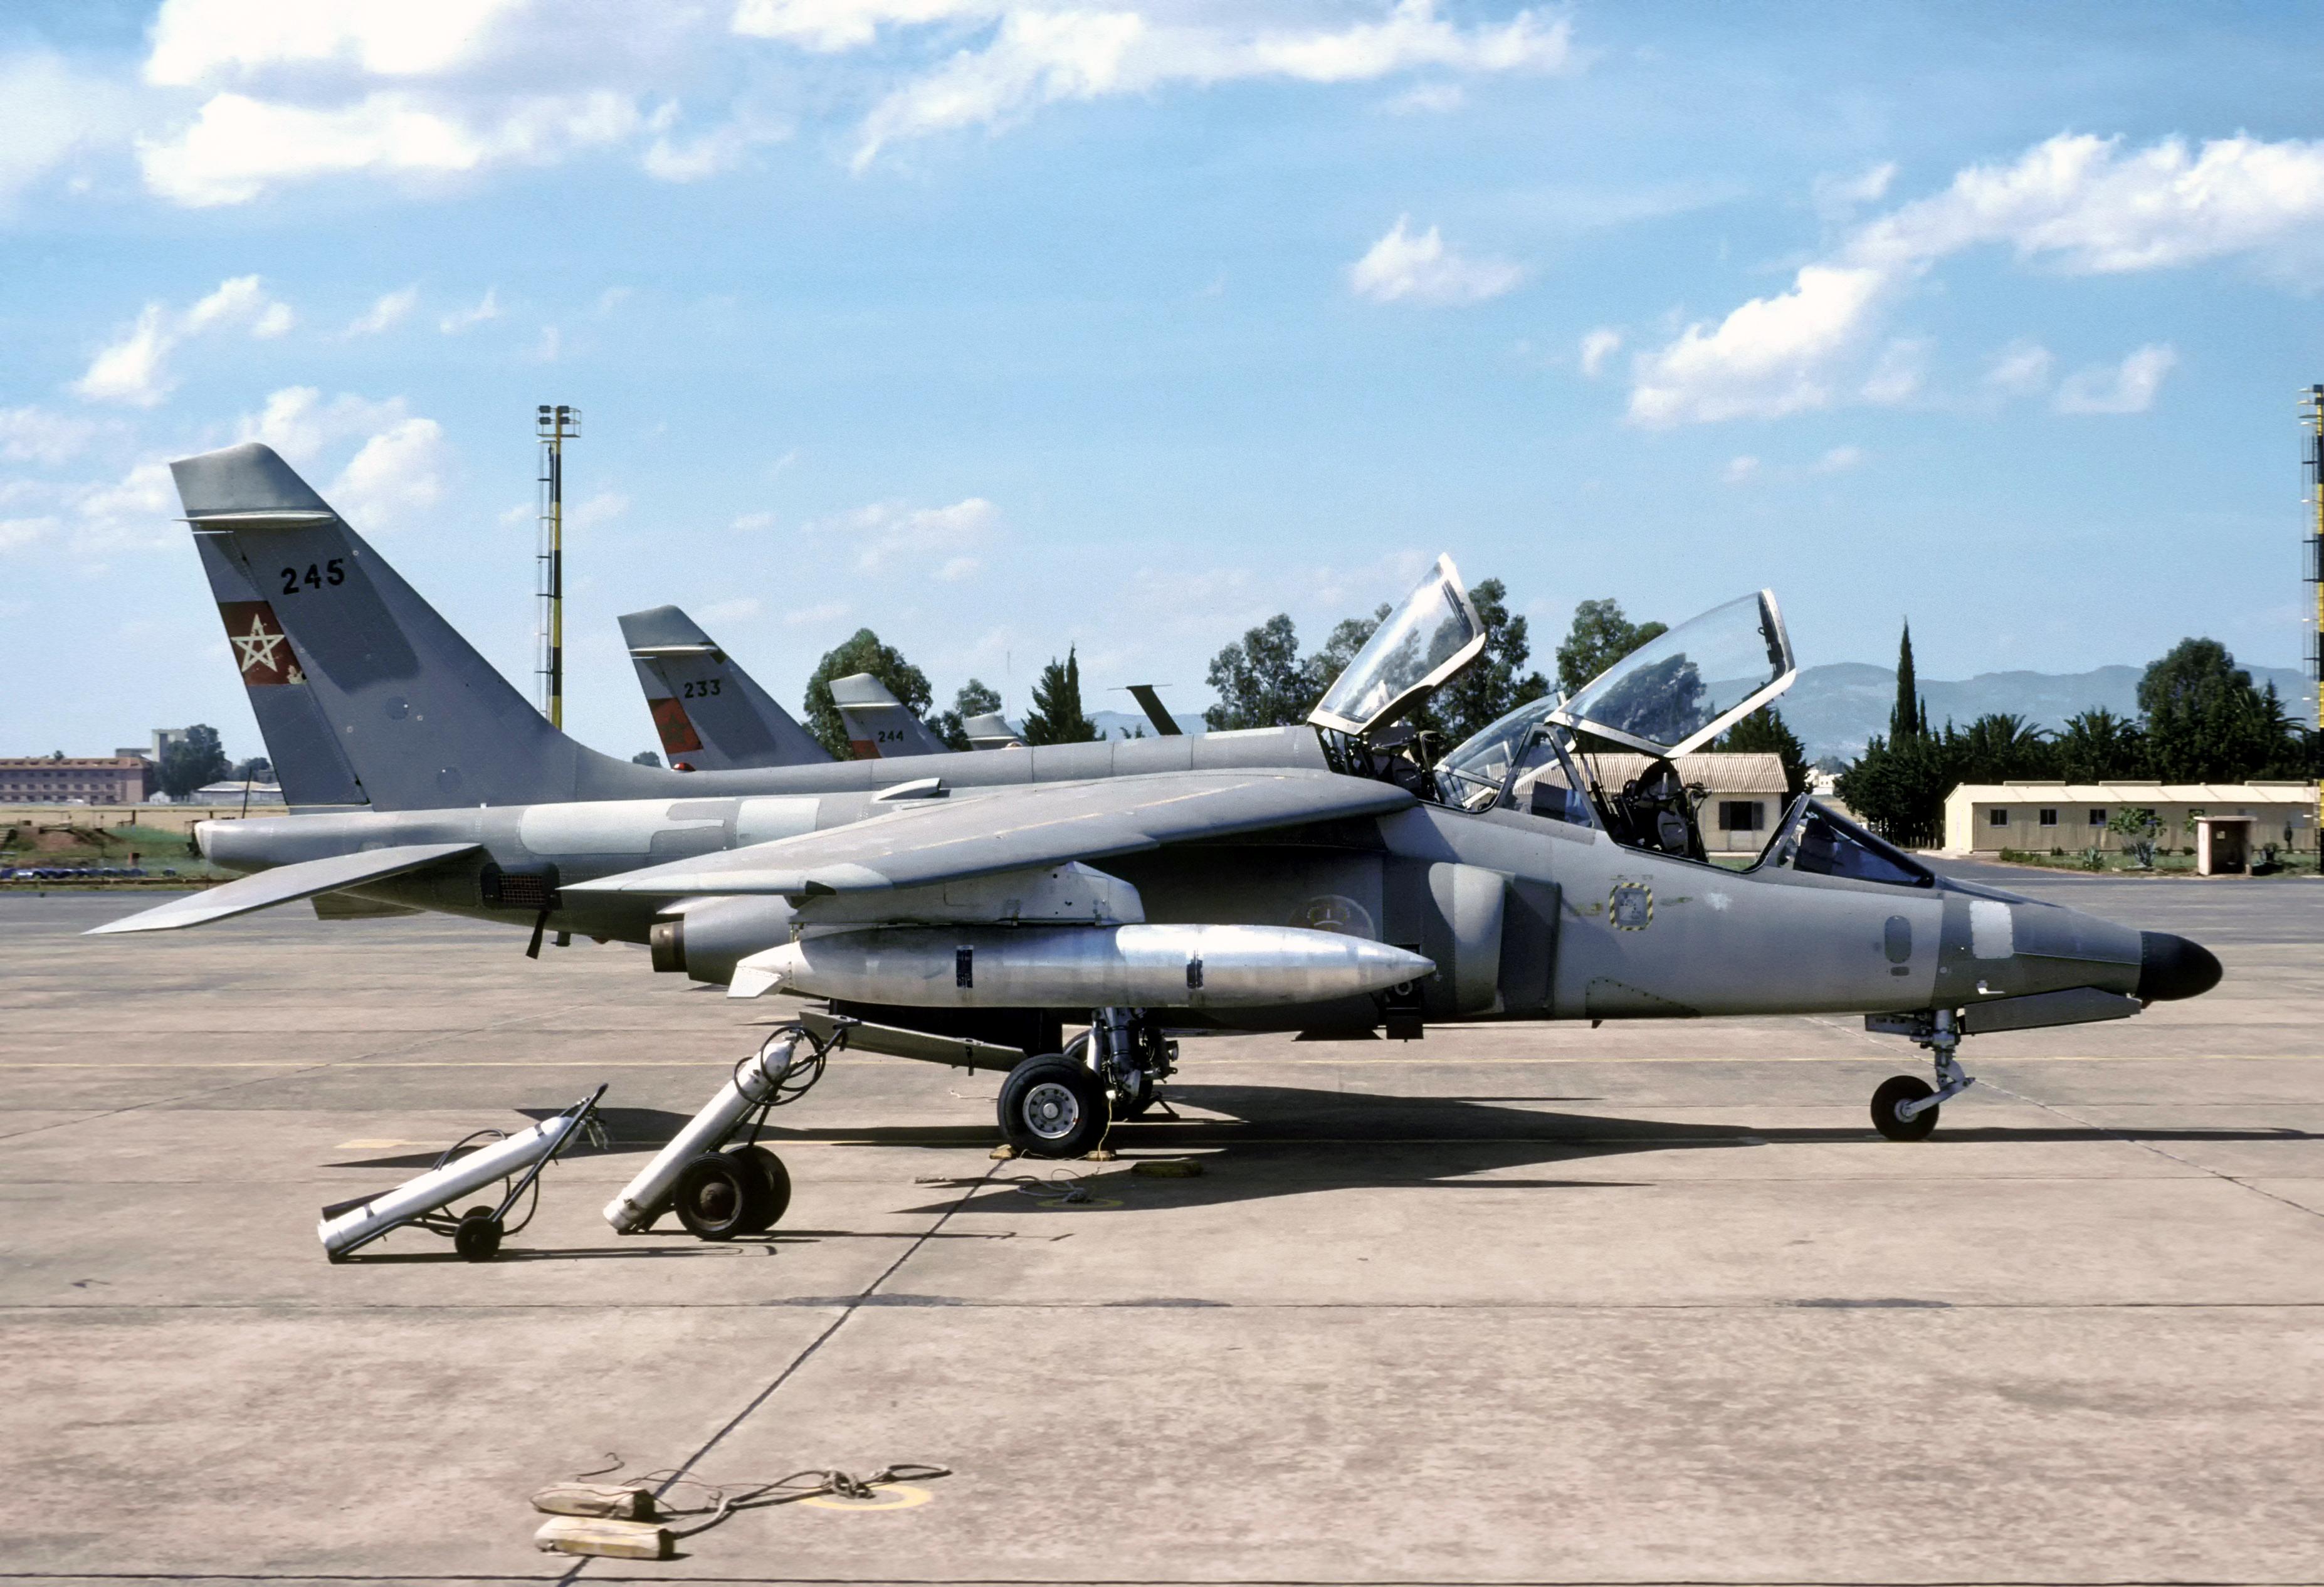 FRA: Photos avions d'entrainement et anti insurrection - Page 9 33258112261_07e050d9cc_o